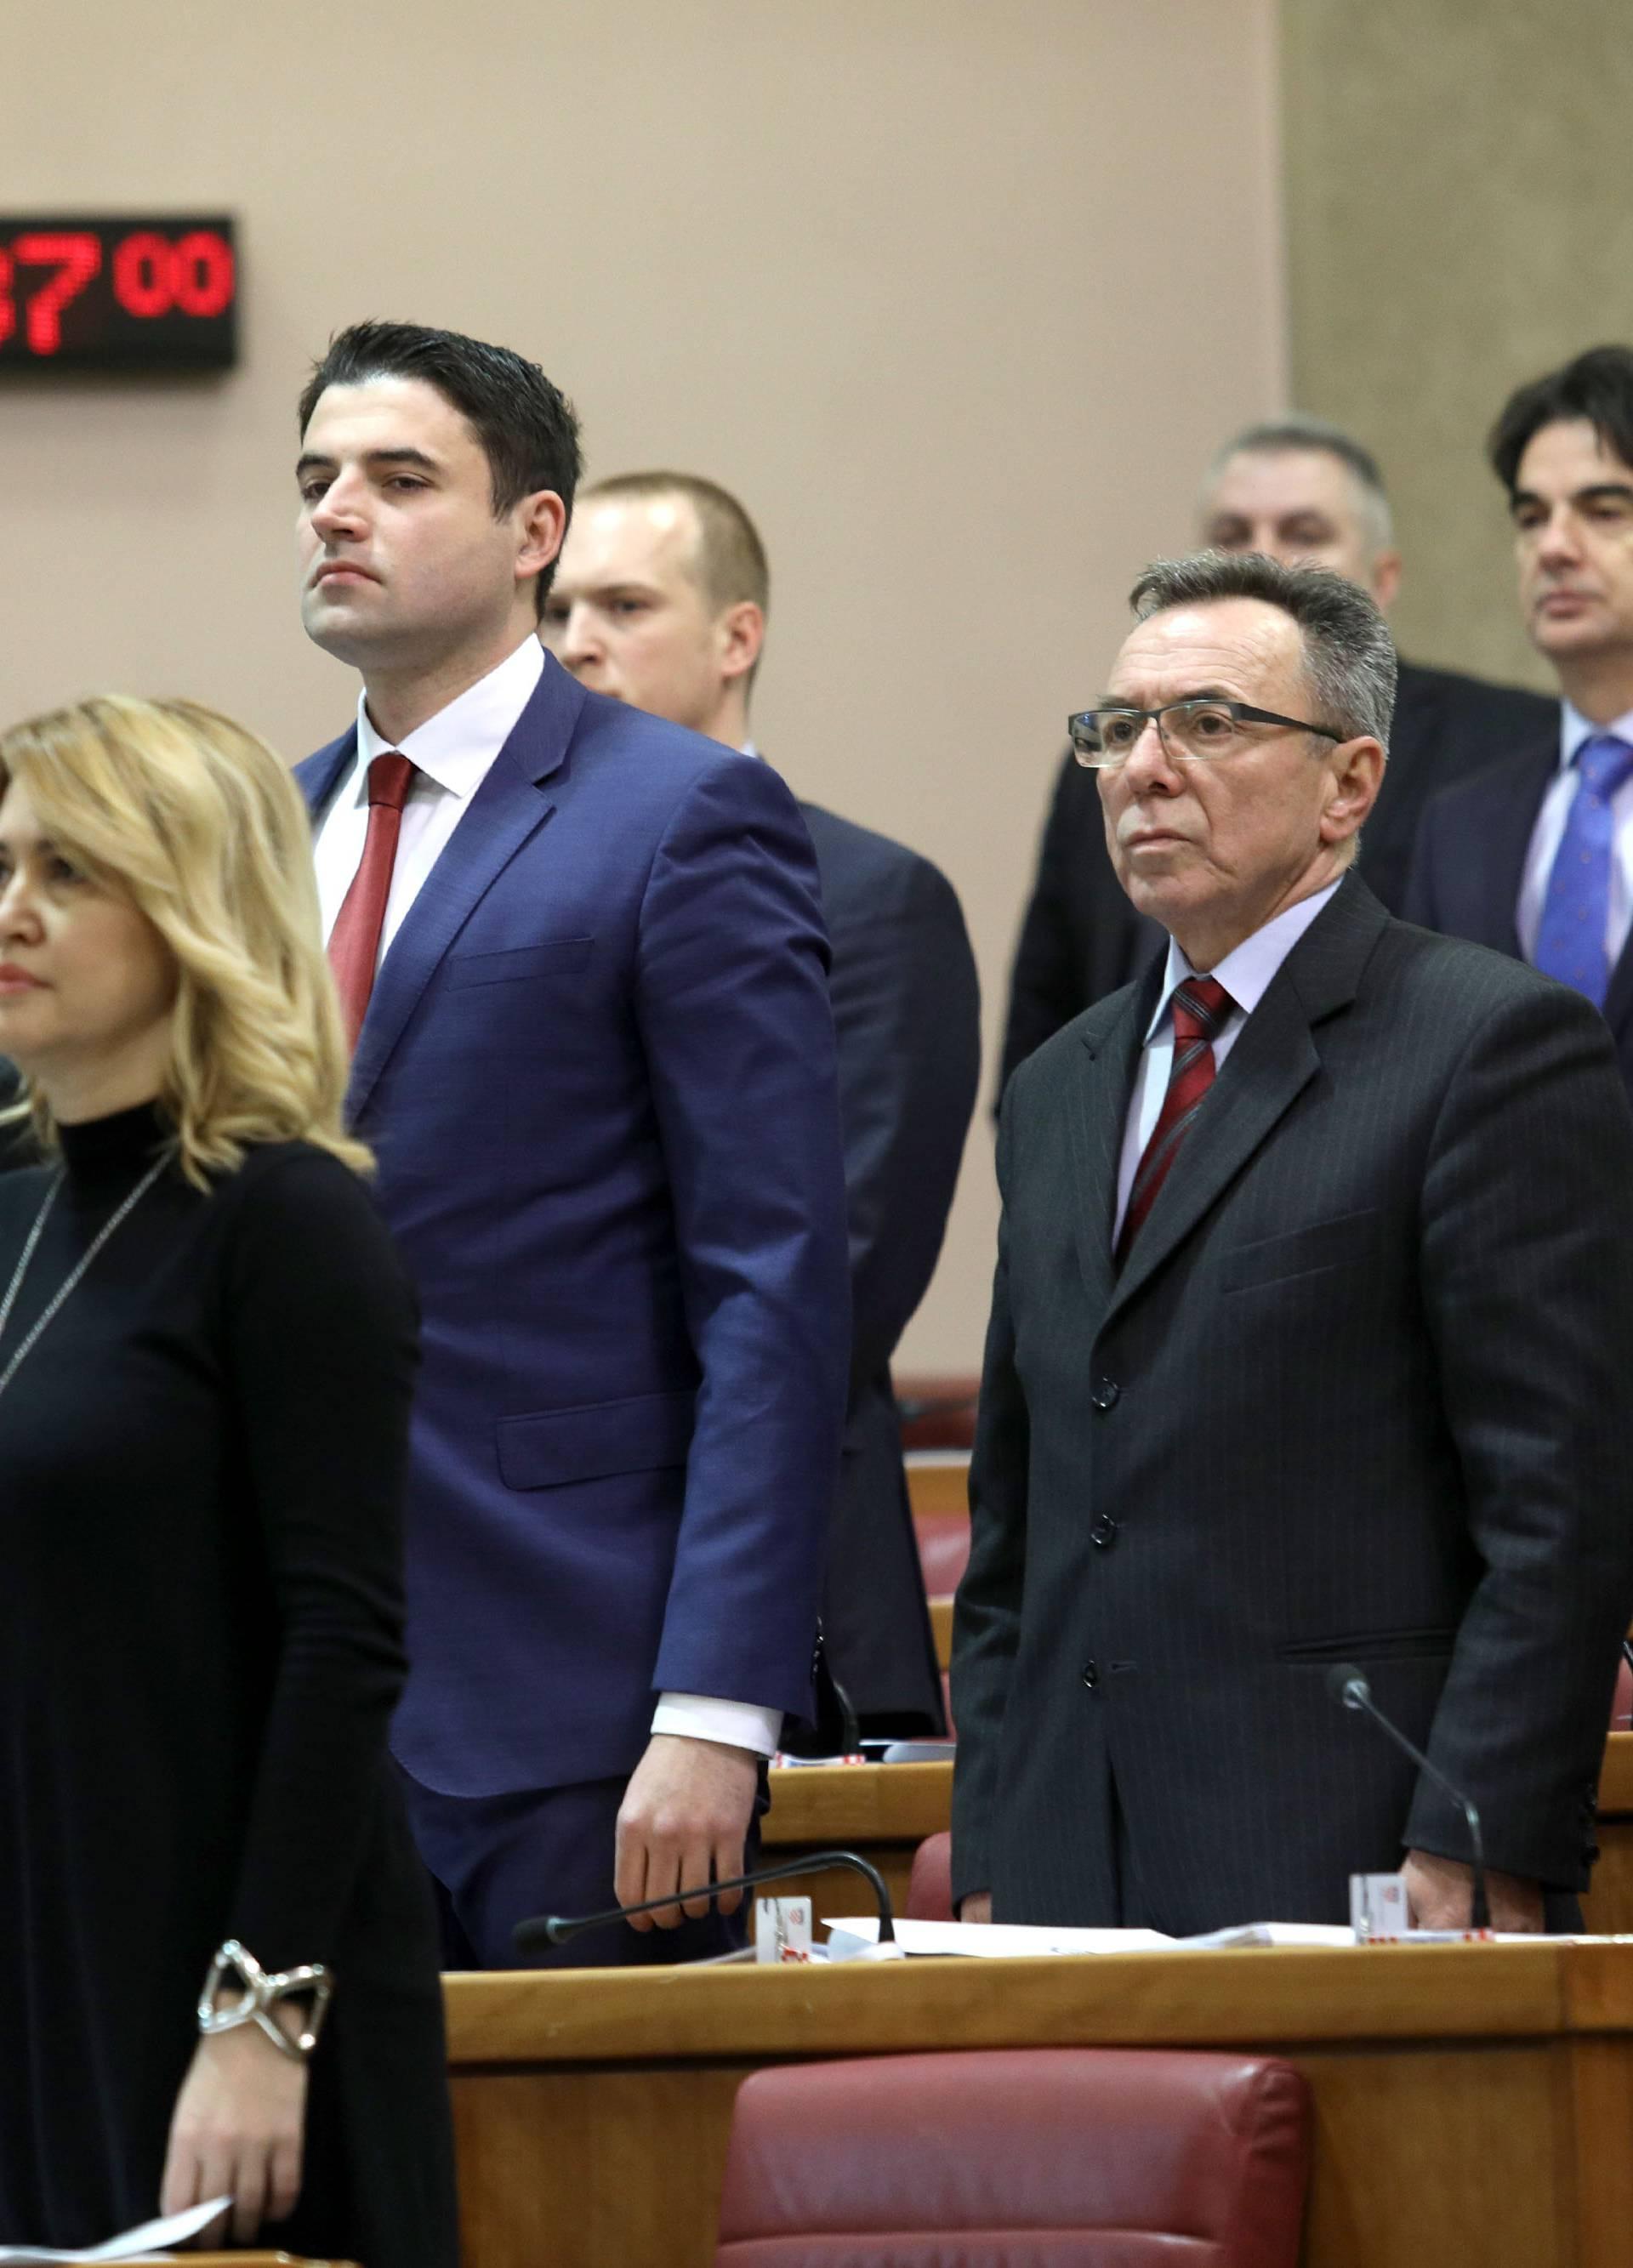 Tko više šteti SDP-u: Davor Bernardić ili njegovi kritičari?